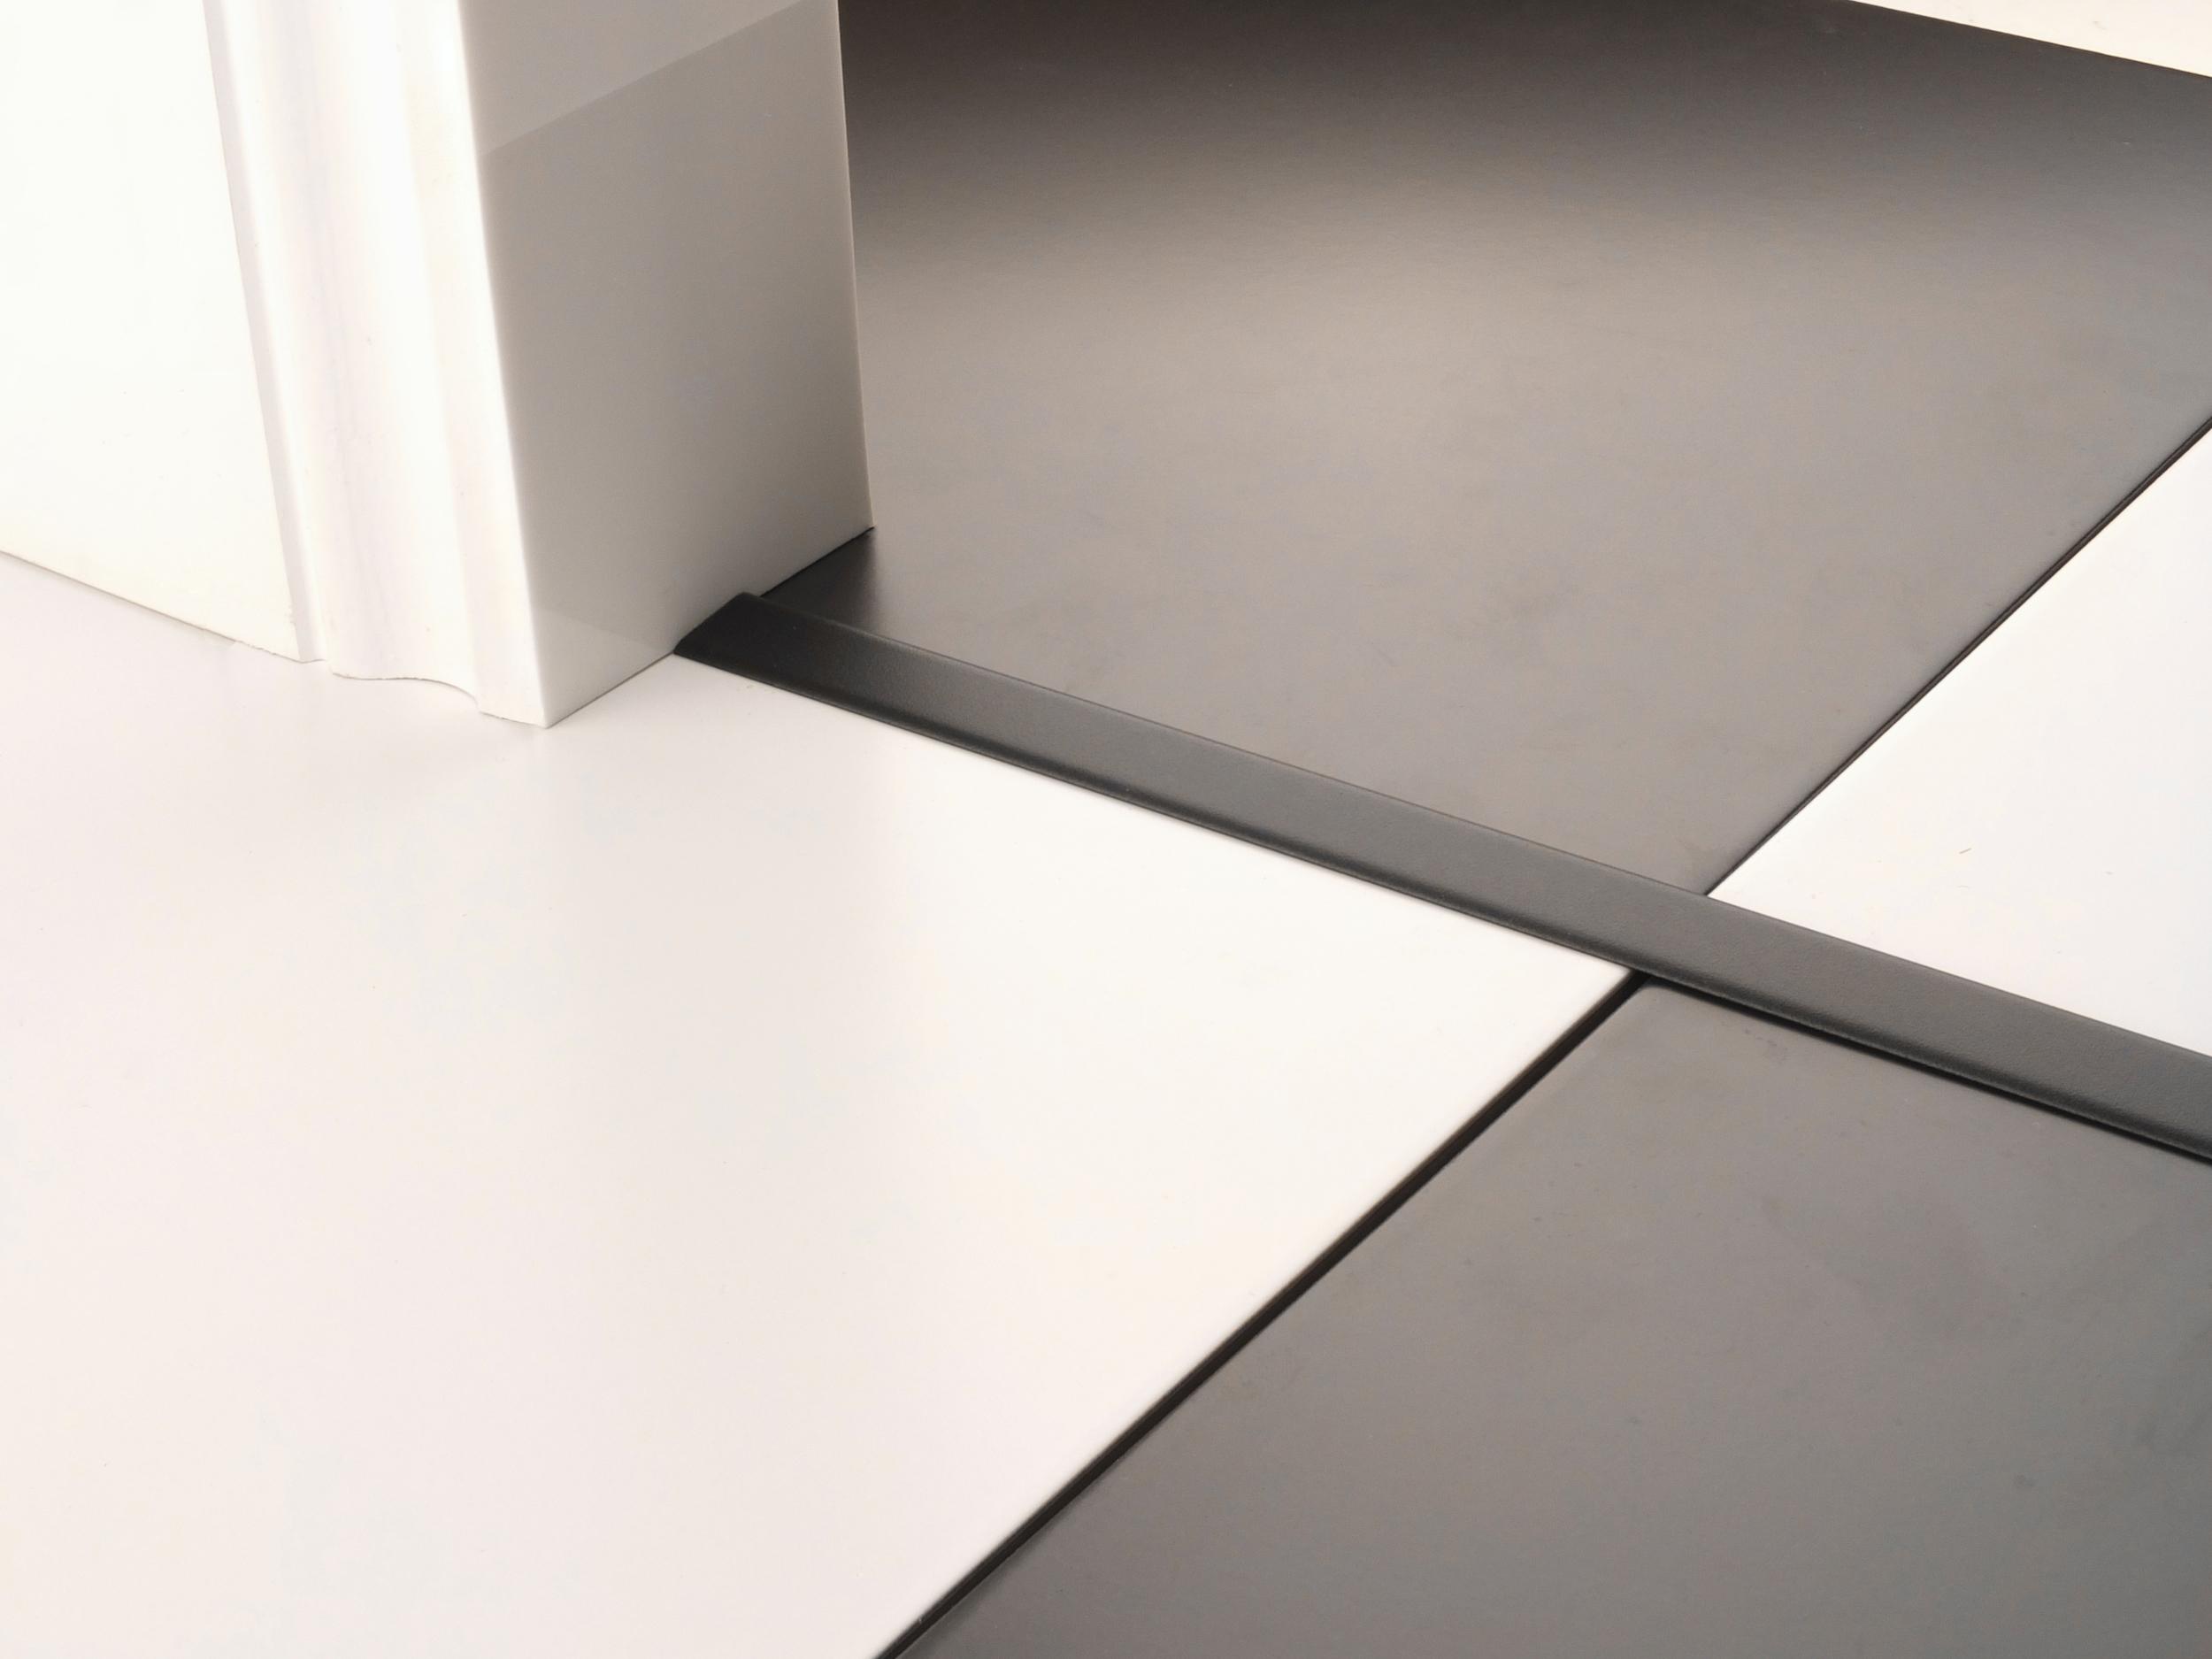 stairrods-doorbar-black-little-t.jpg